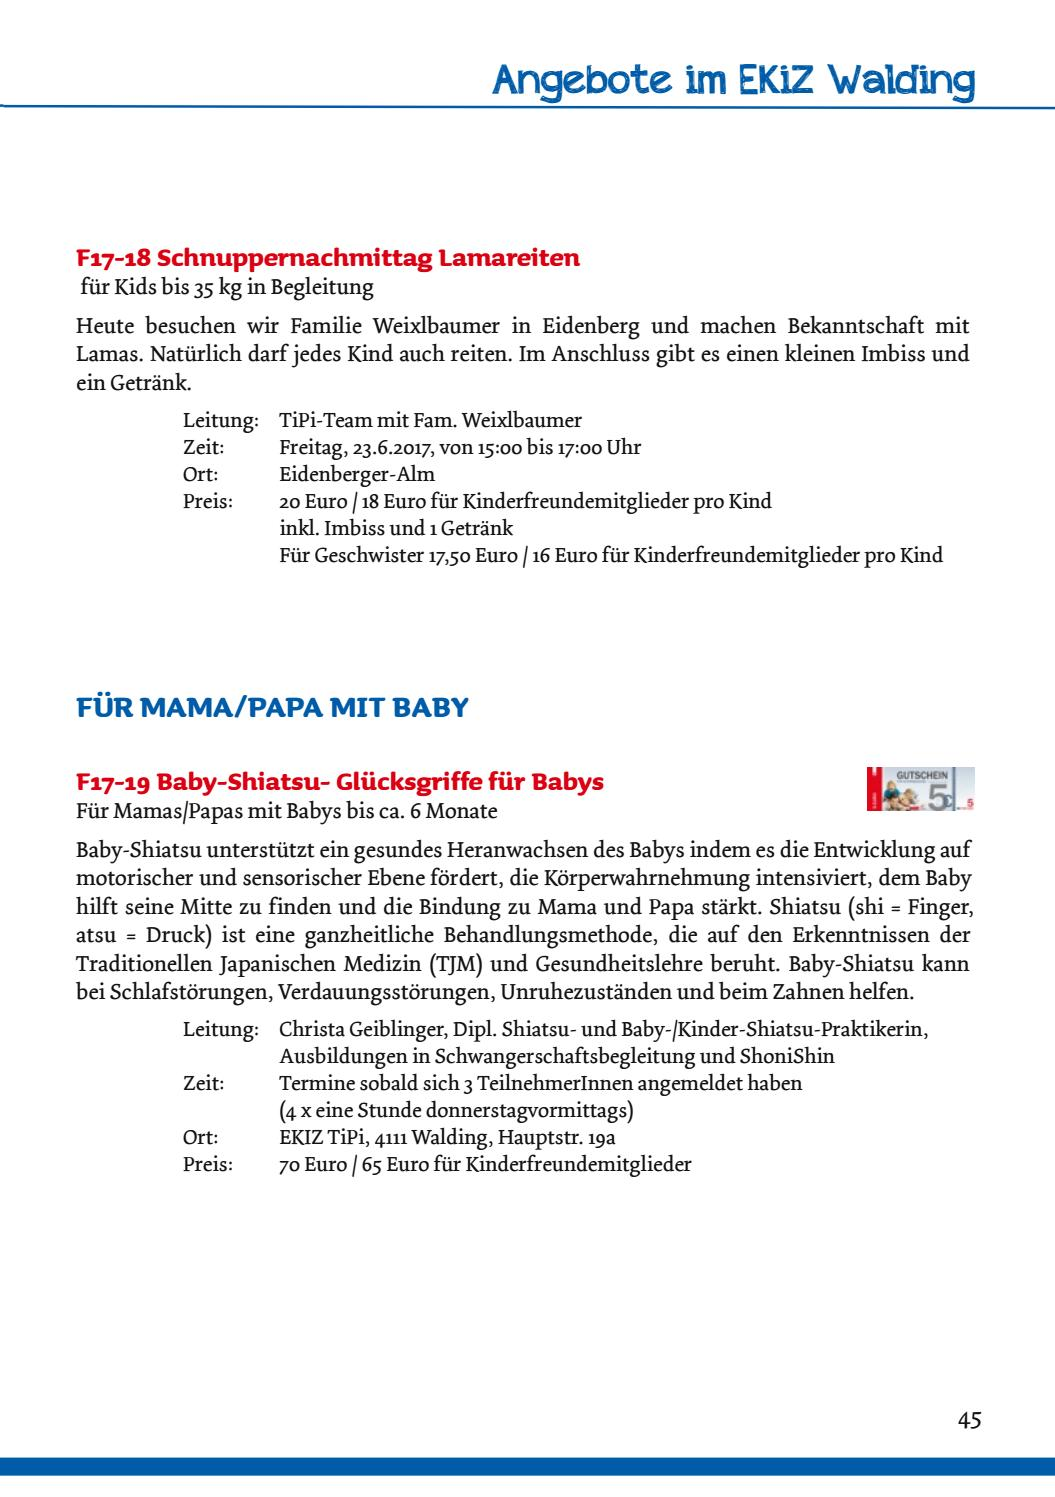 Bekanntschaften weiblich herzogsdorf Niedersterreich dating